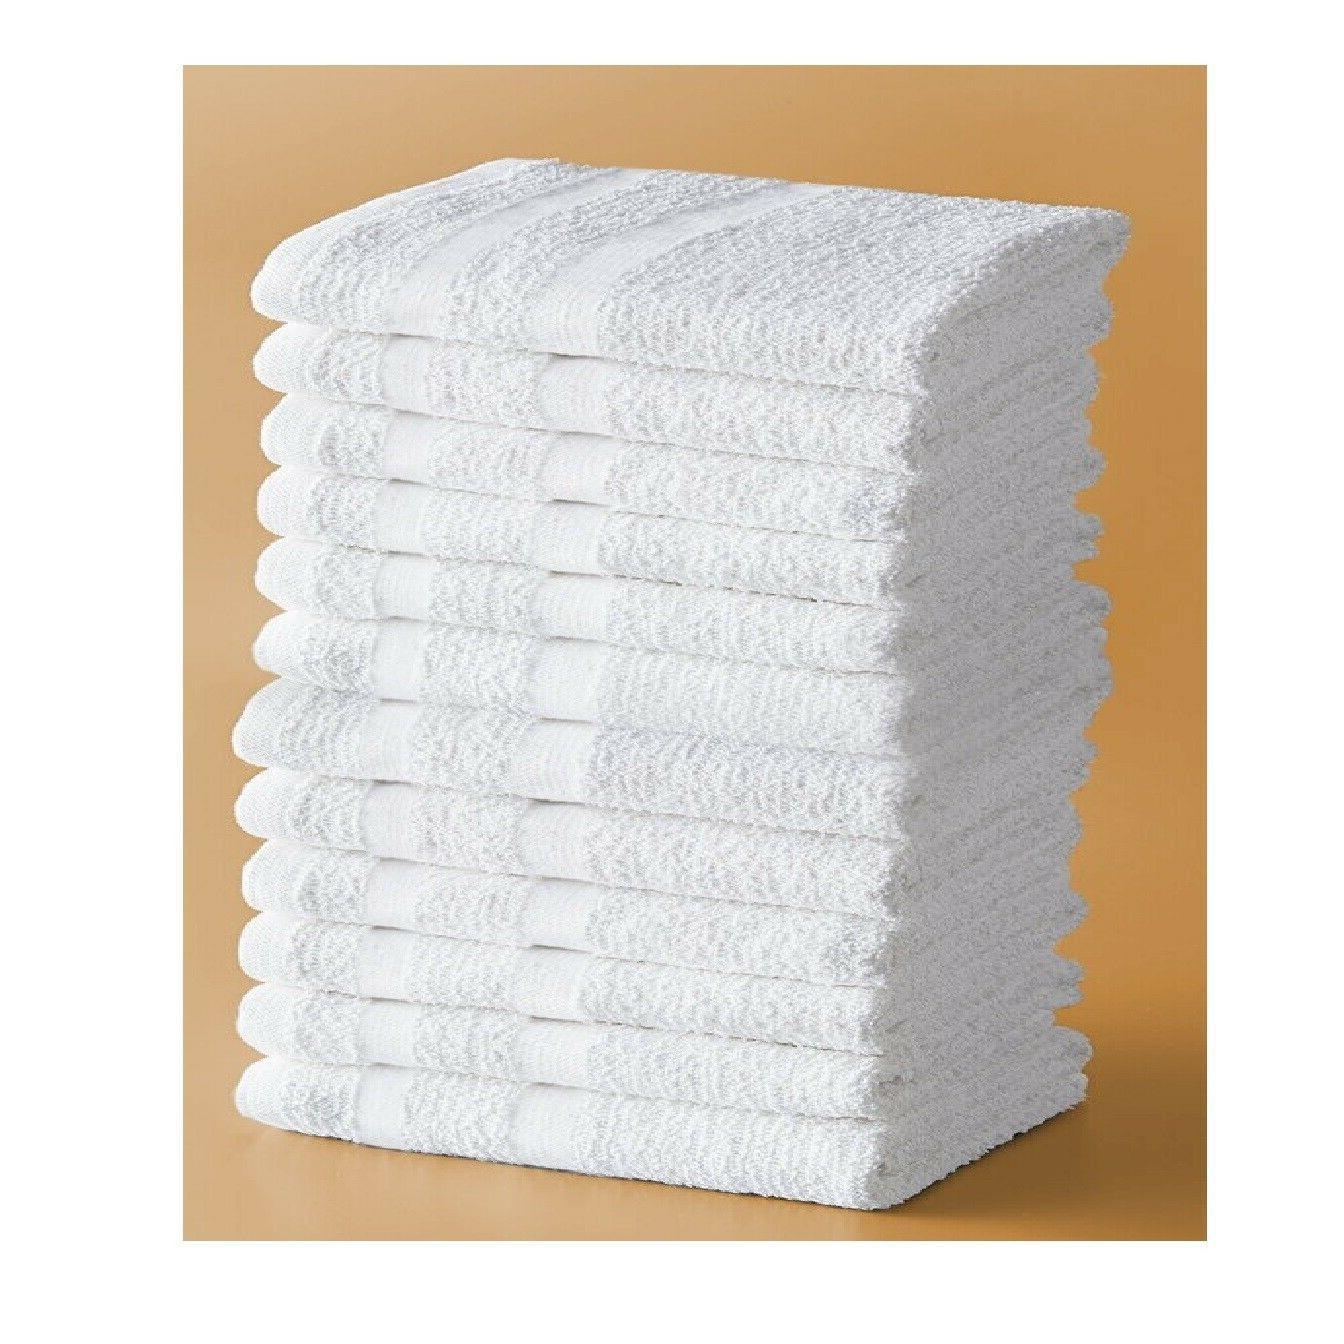 12 pieces Hand Towels Set White Color Cotton Towel Set 16x35